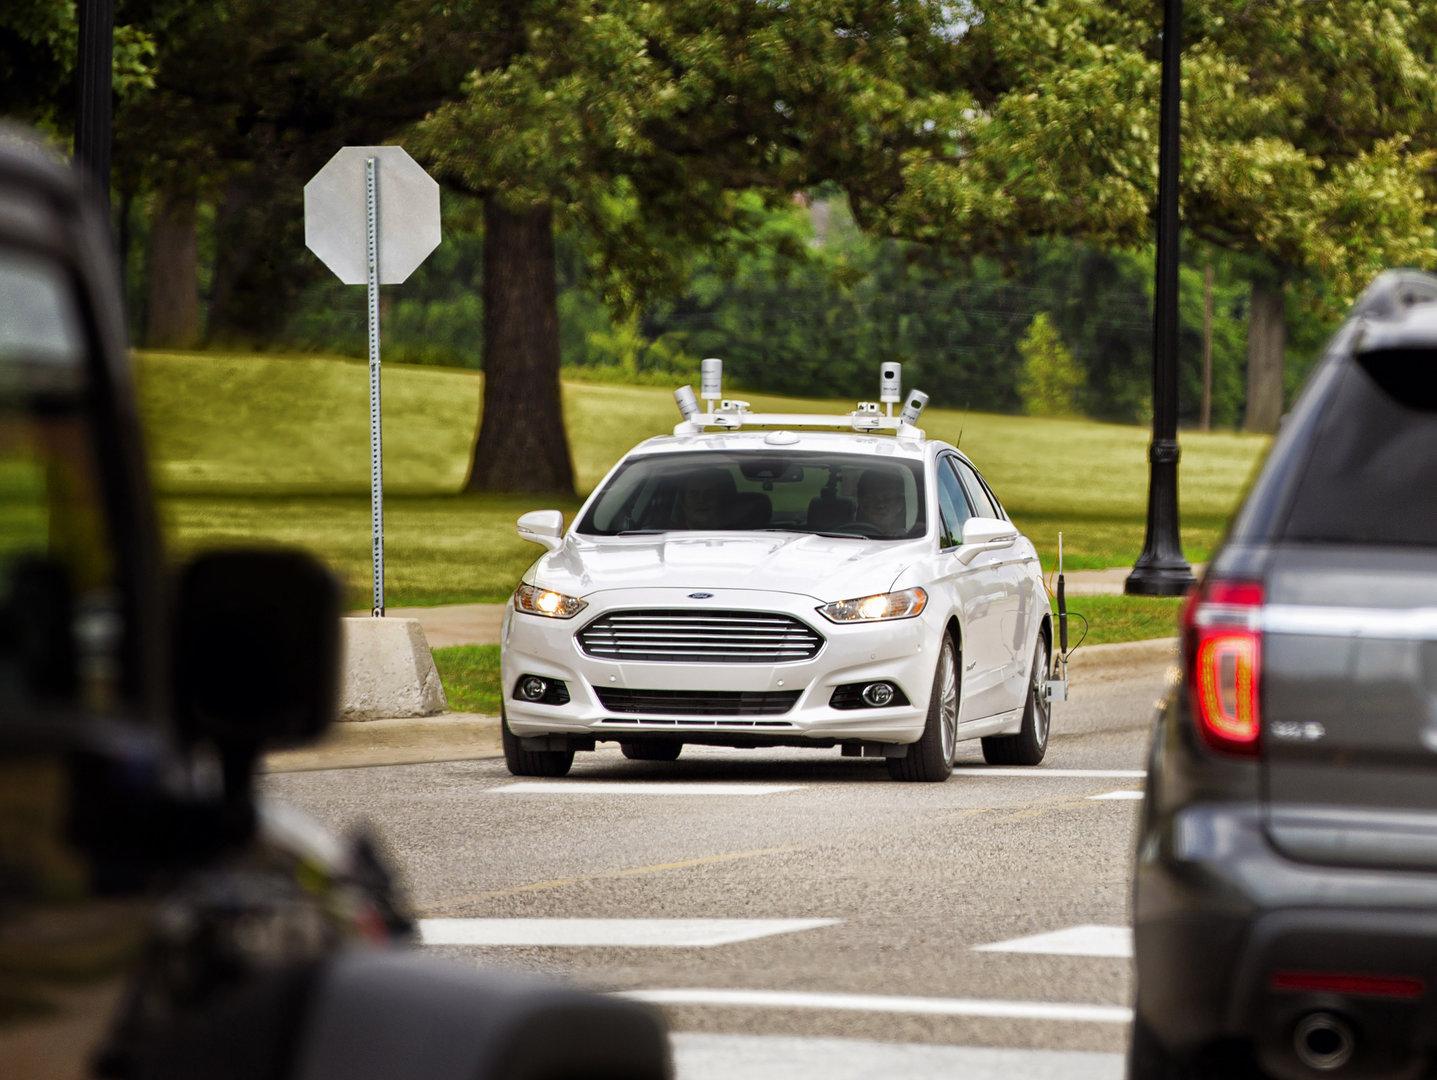 Versuchsfahrzeug für autonomes Fahren